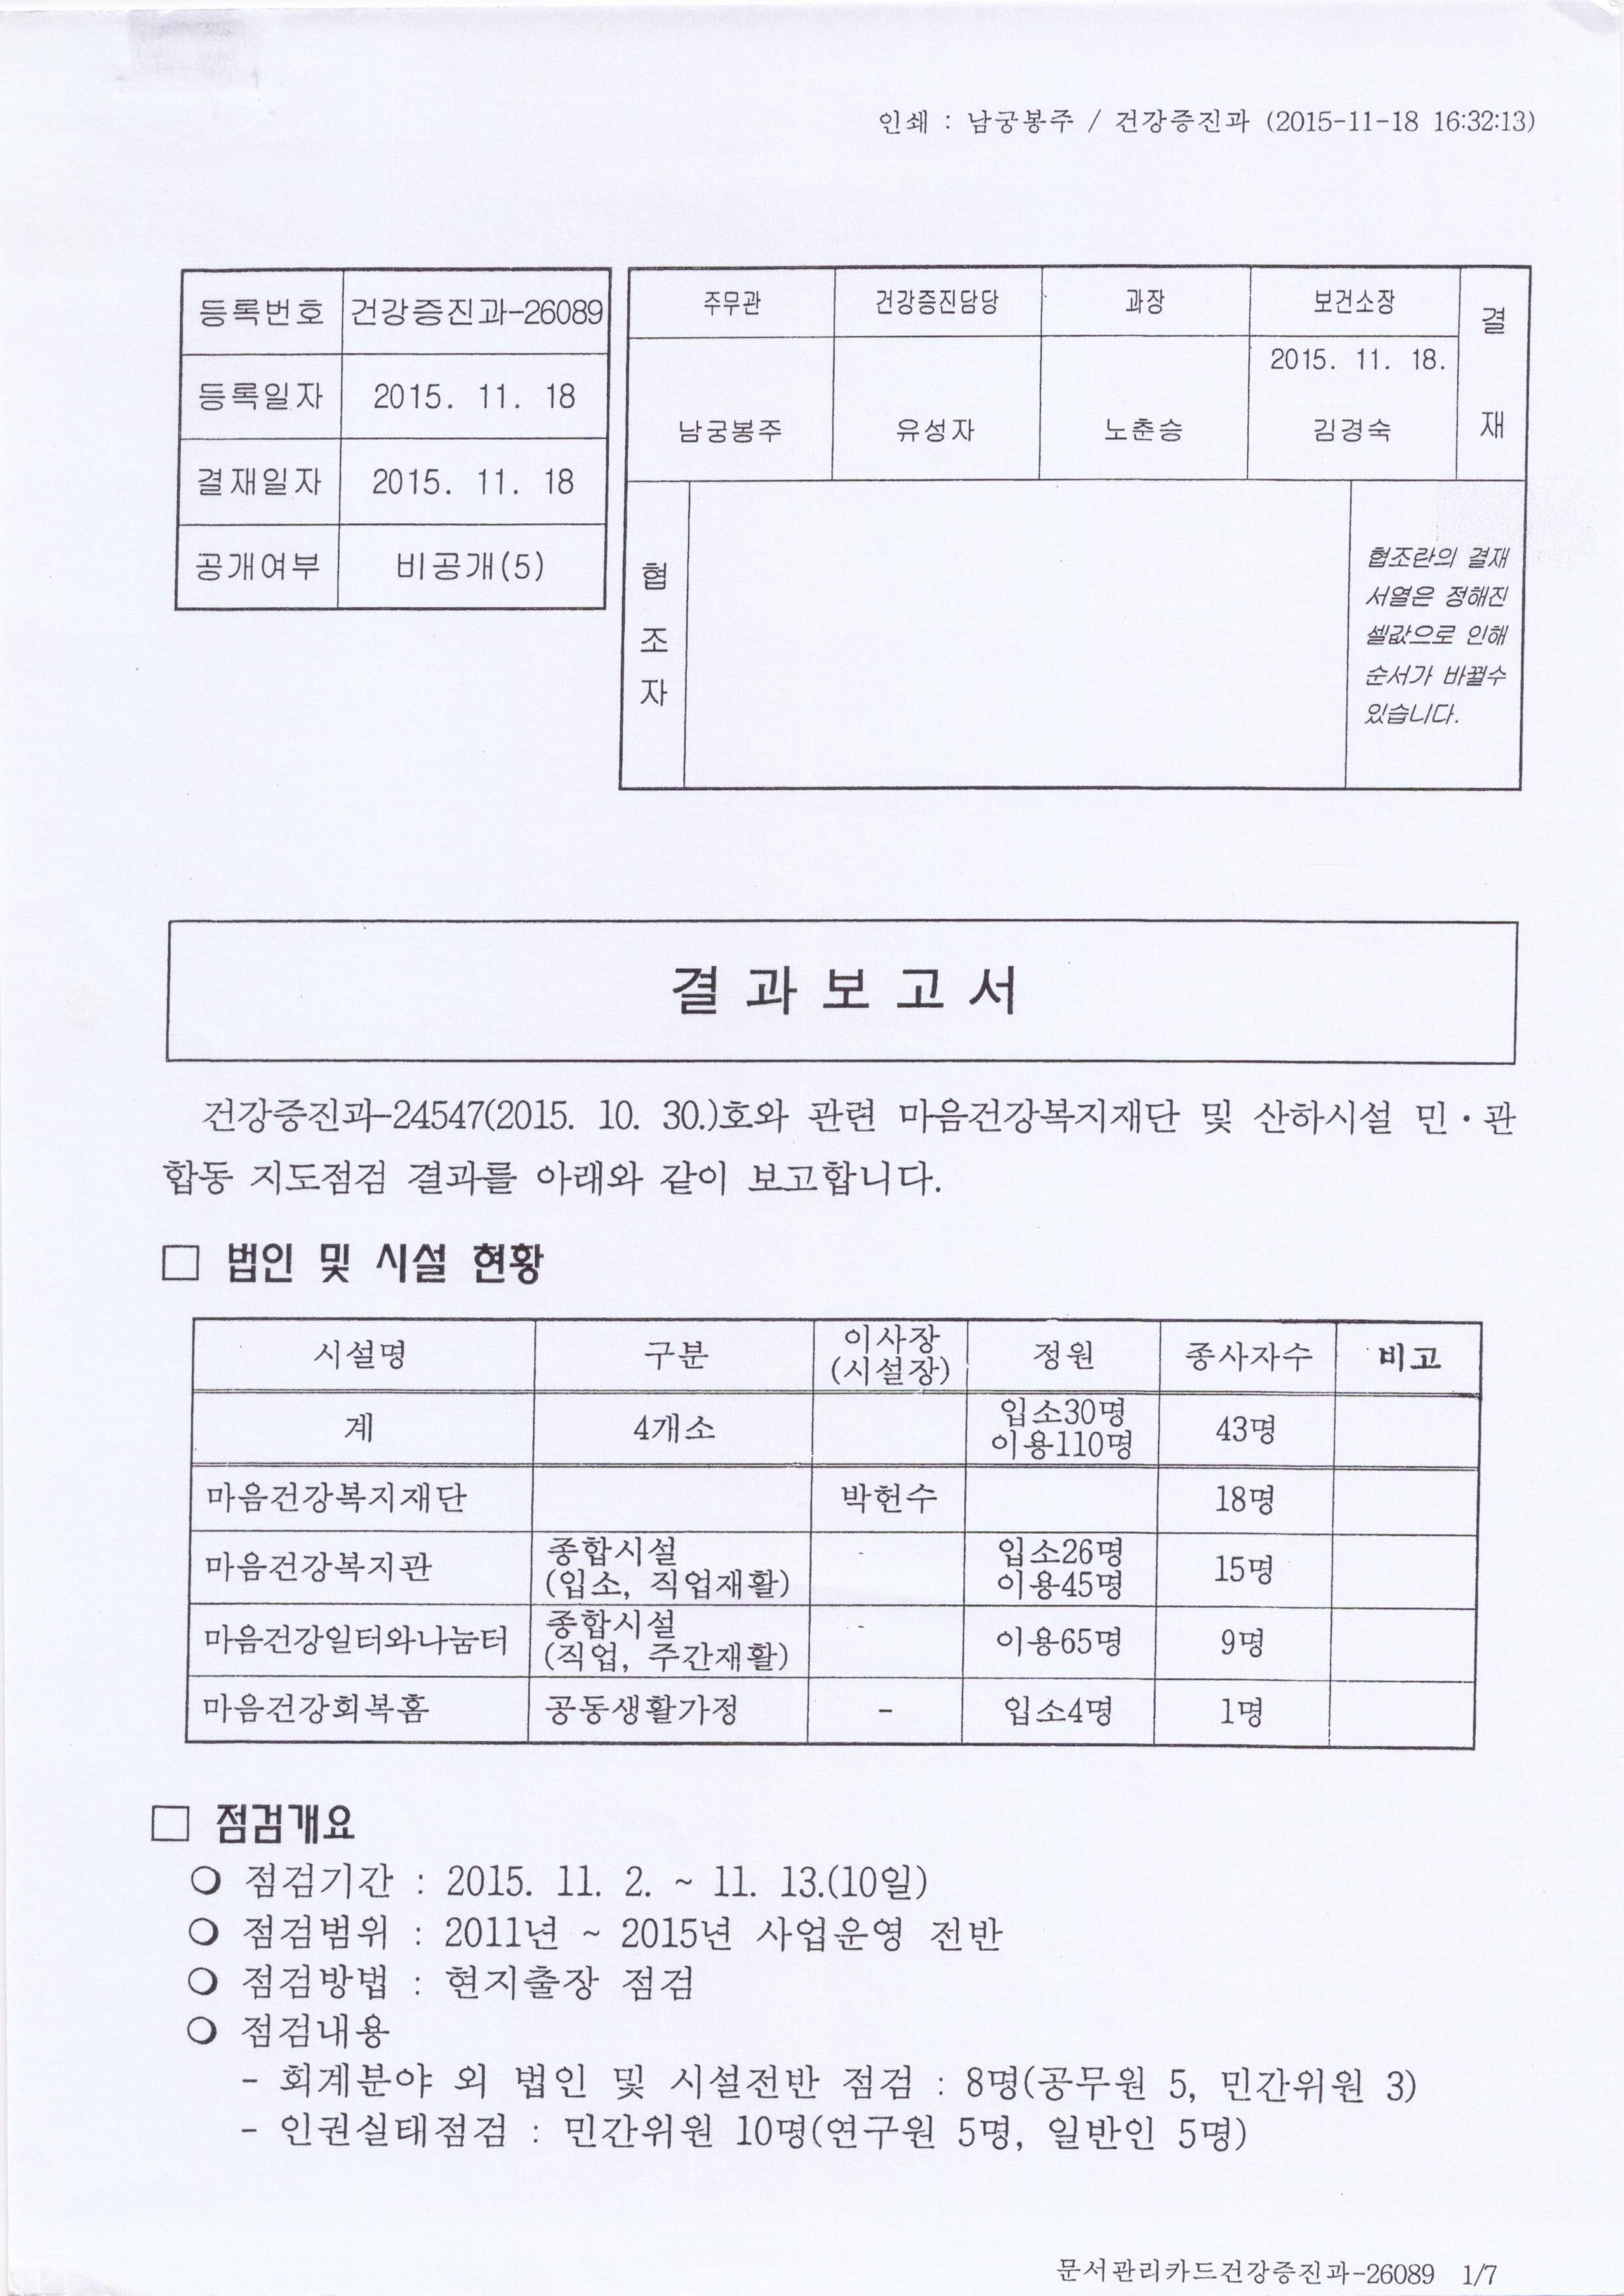 전주시 건강증진과-26089(15.11.18)_결과보고서 001.jpg